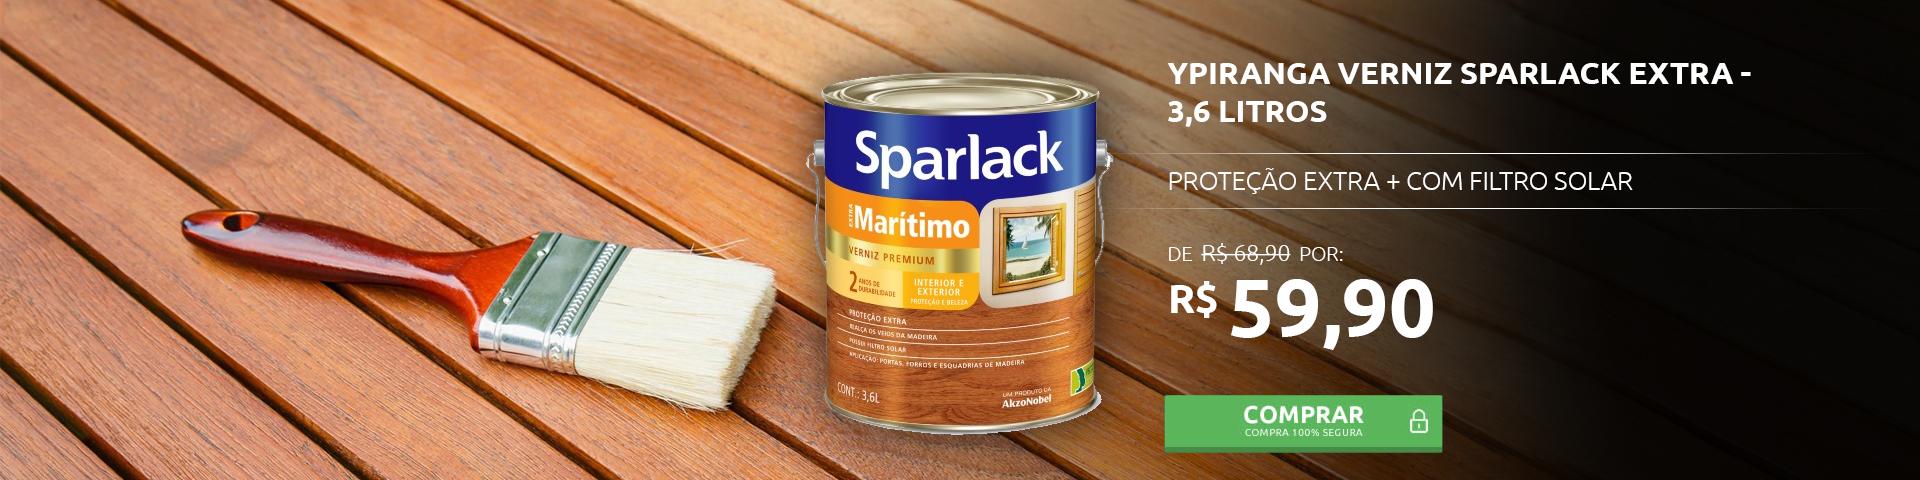 Ypiranga Verniz Sparlack Extra